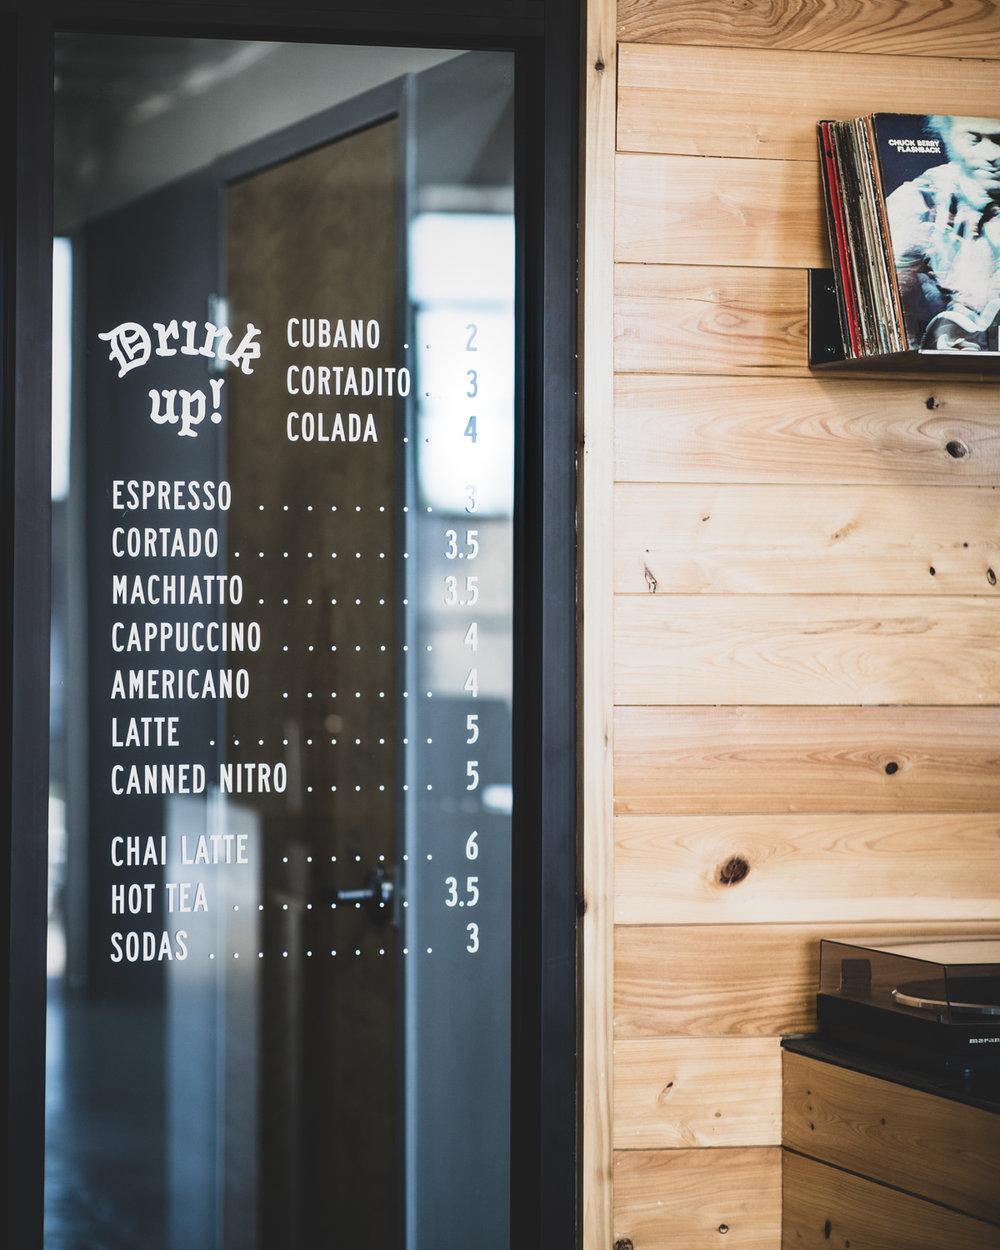 The drink menu is printed on the door.